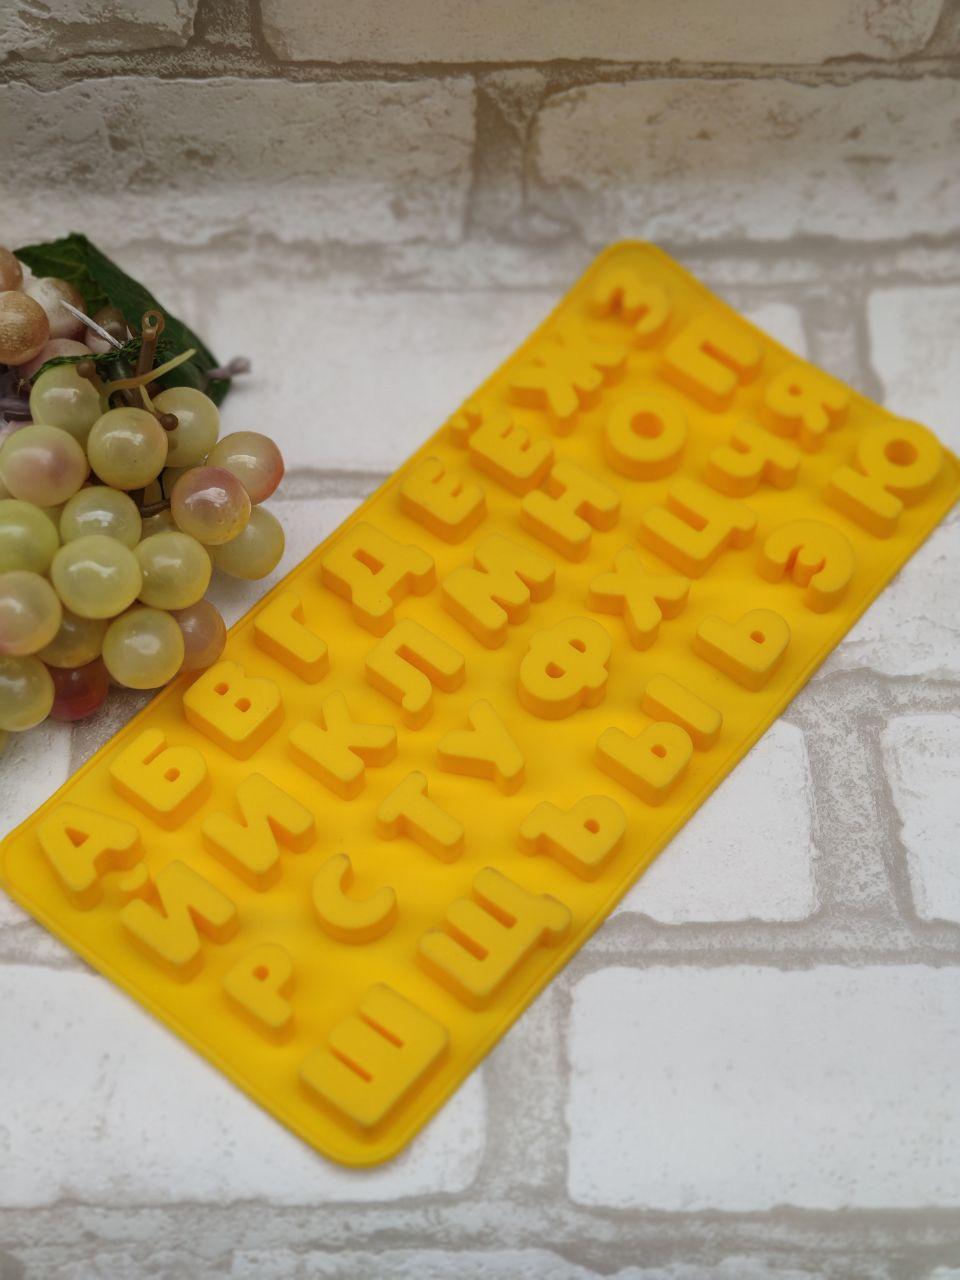 Силиконовая форма для кубиков льда или конфет  24*12*1 см.,80/65 (розничная цена за 1 шт.+15 гр.)